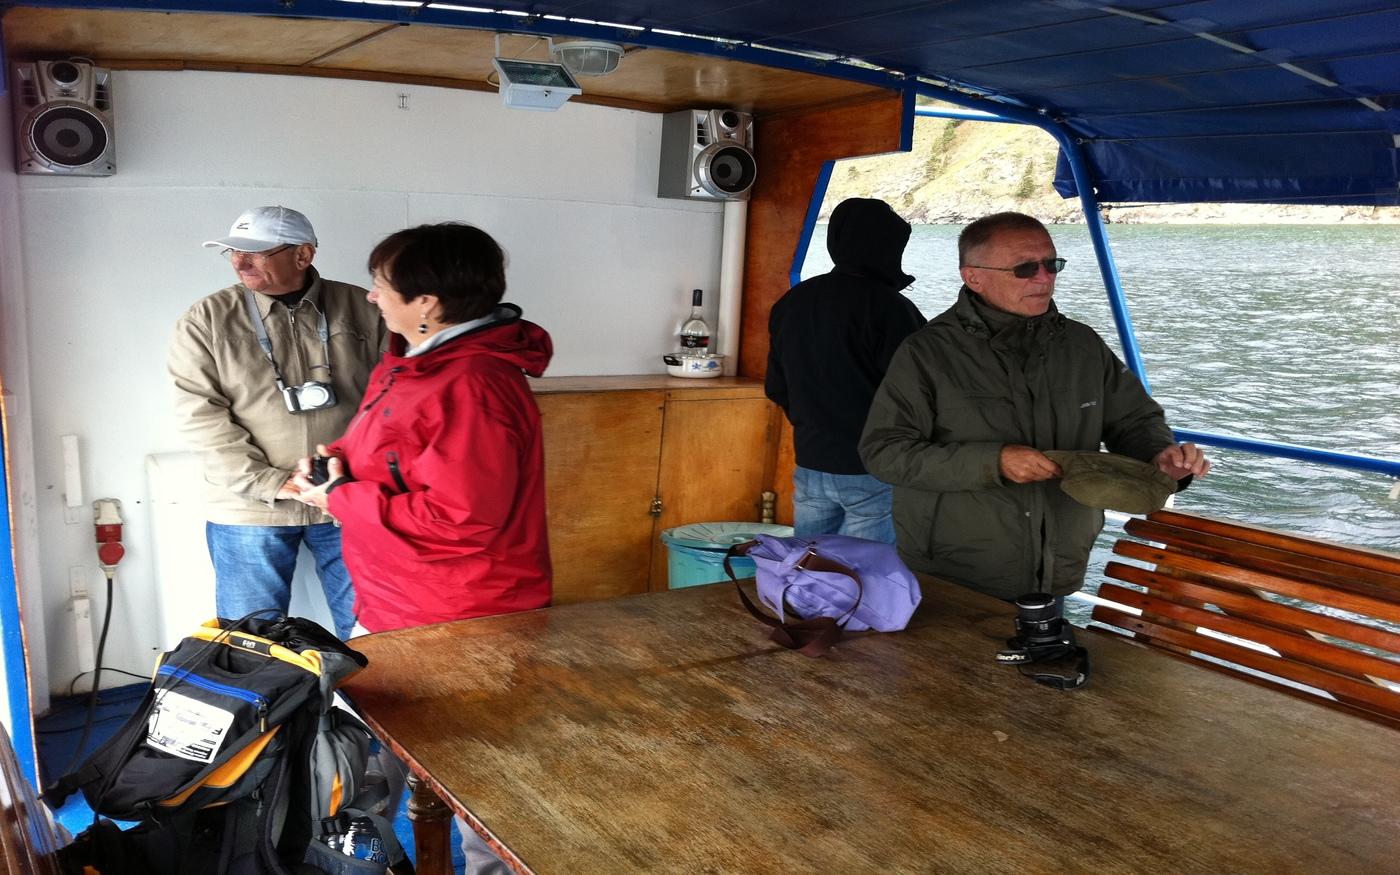 Gruppenreise mit der Transsib - Schifffahrt am Baikalsee